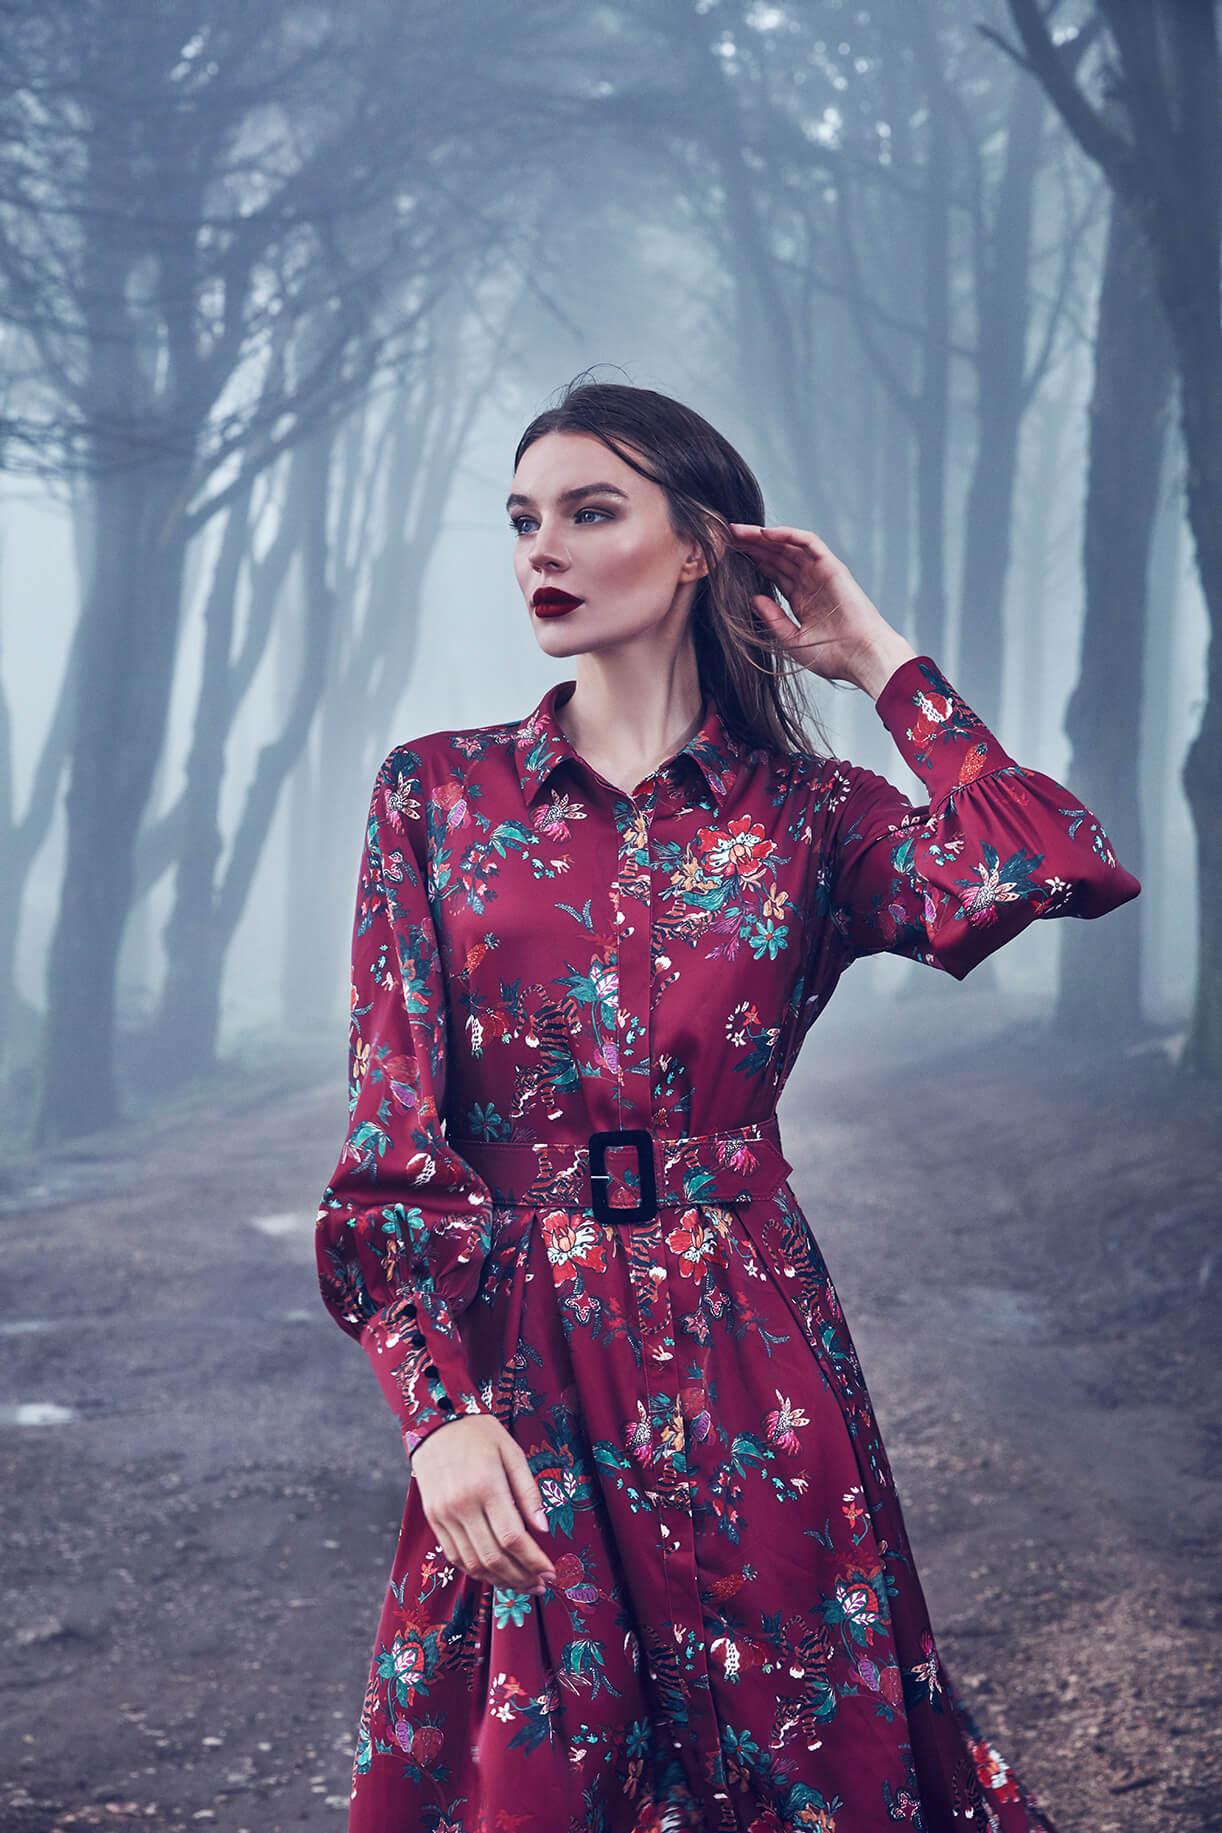 Модель в бордовом платье с цветочным принтом в туманном лесу